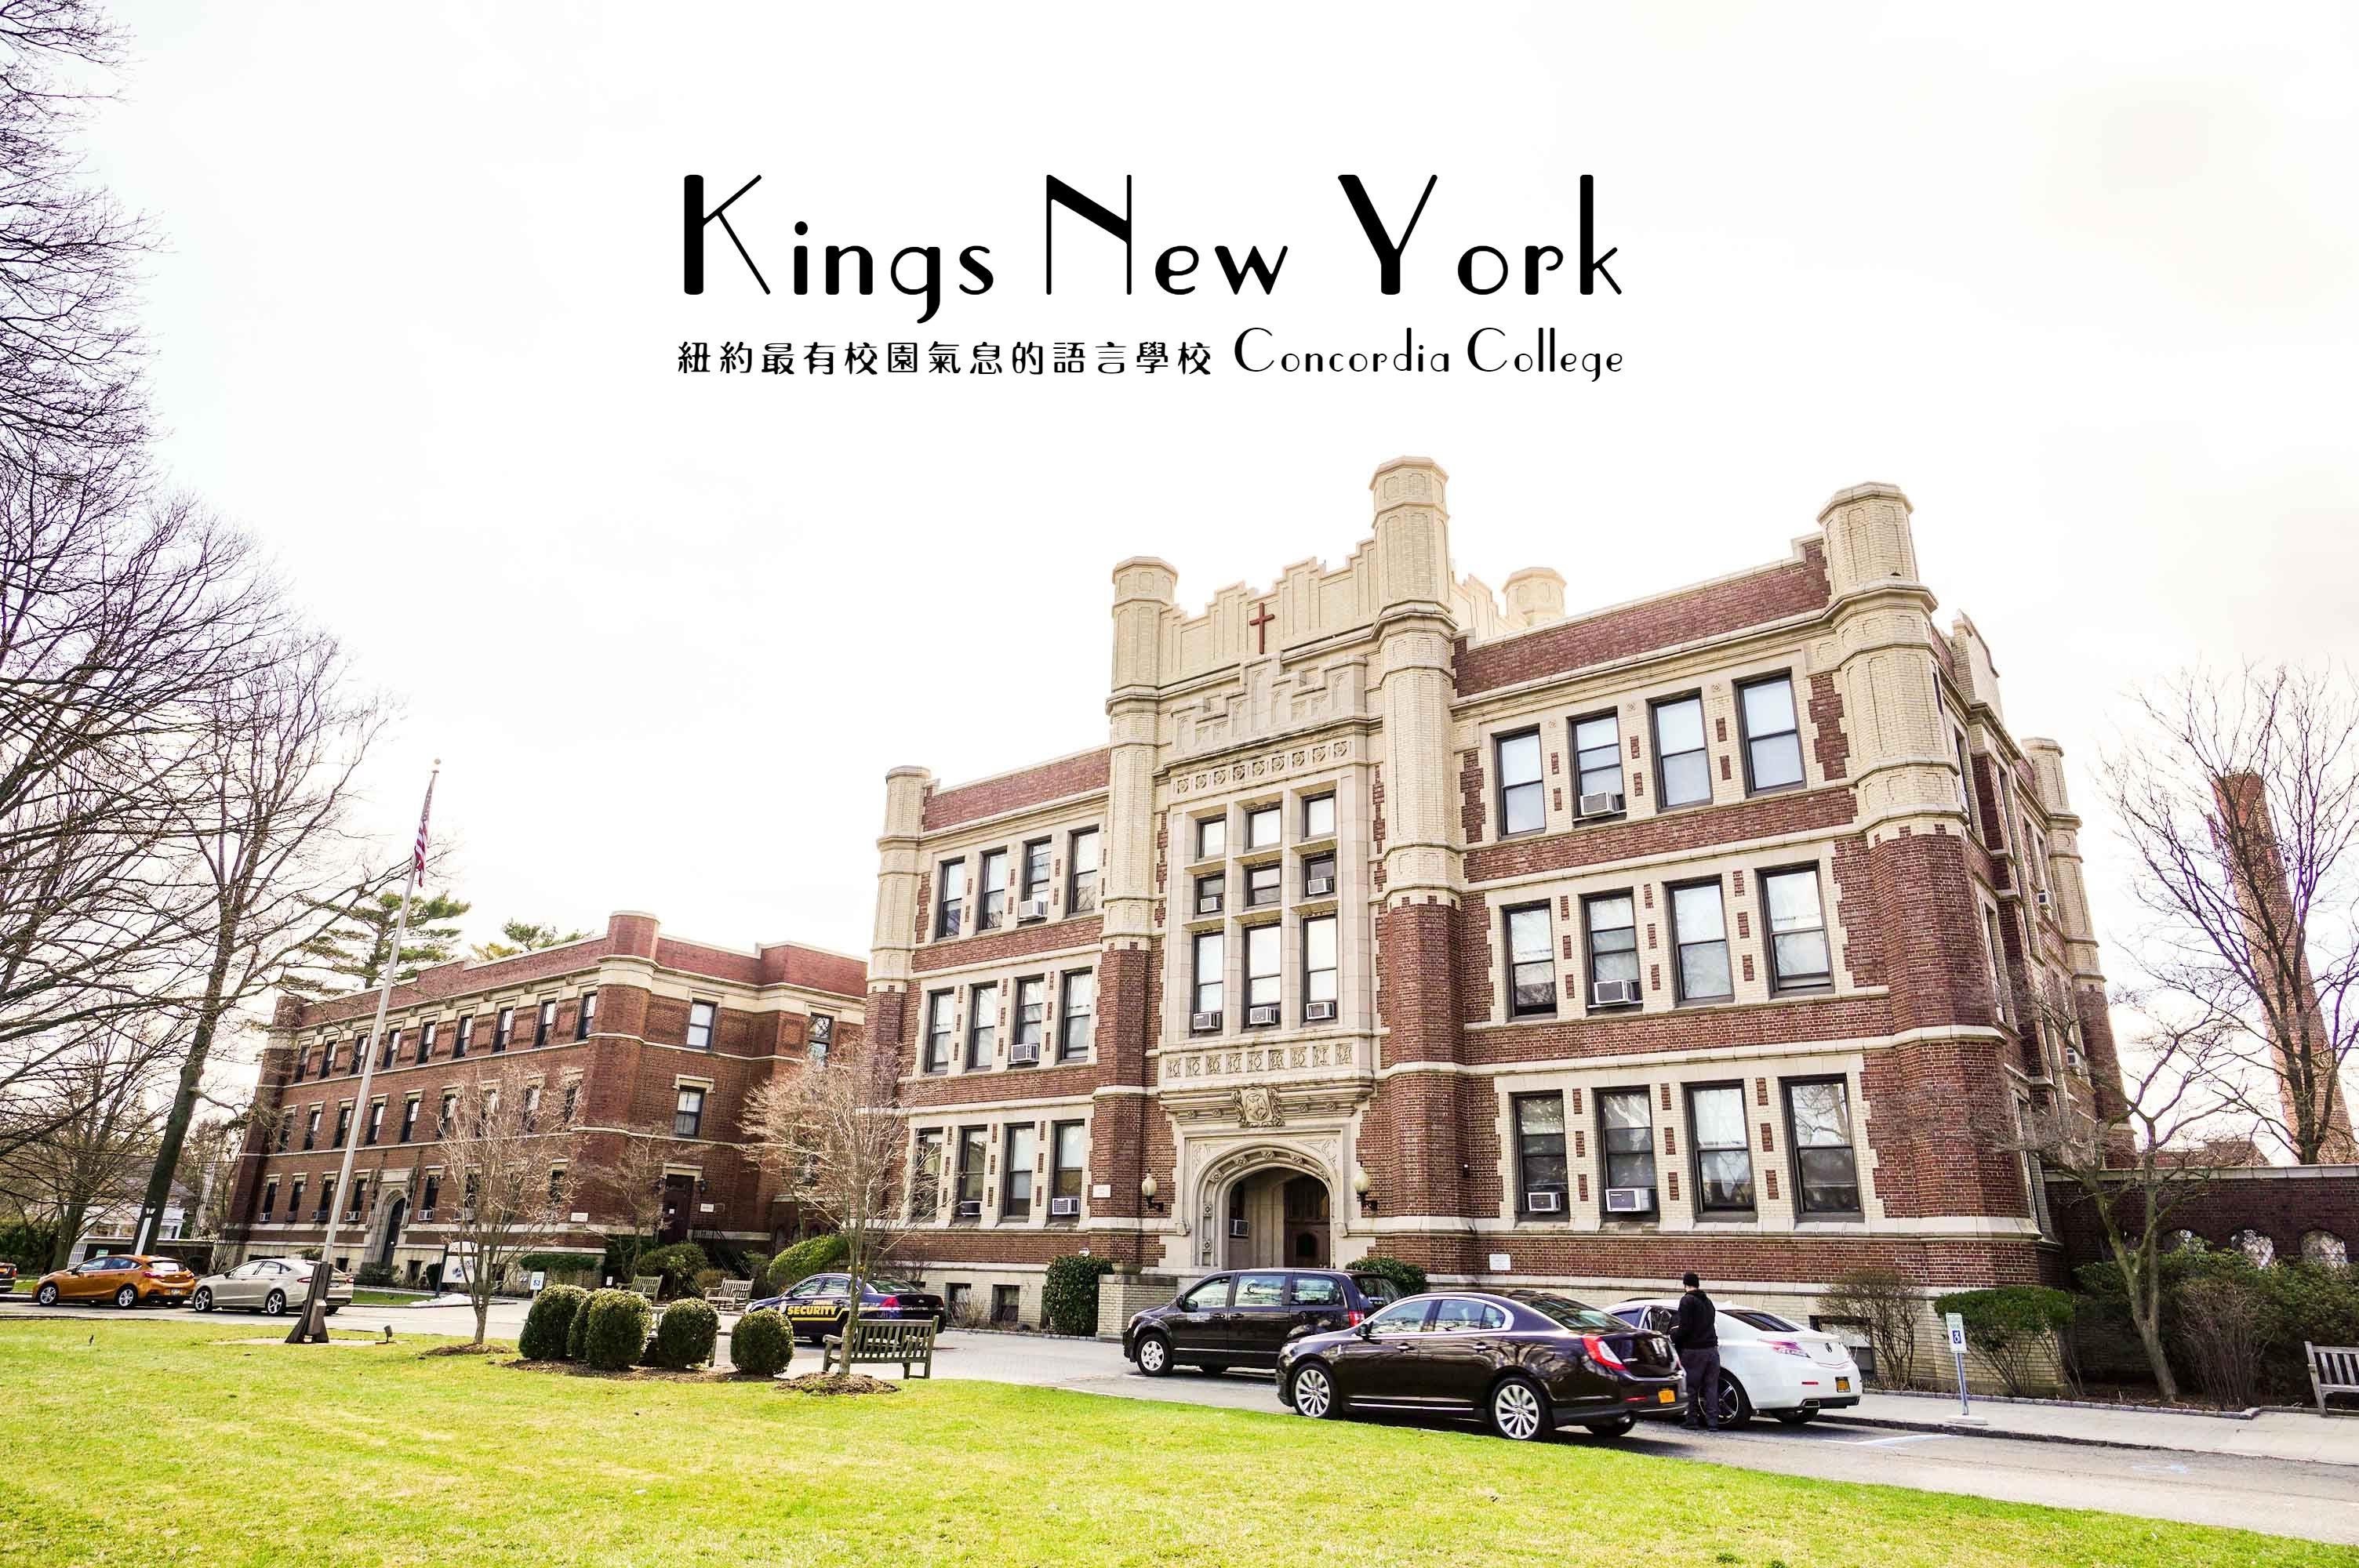 美國遊學│紐約語言學校心得:Kings – New York (Concordia College)和柯林頓的女兒當鄰居吧!